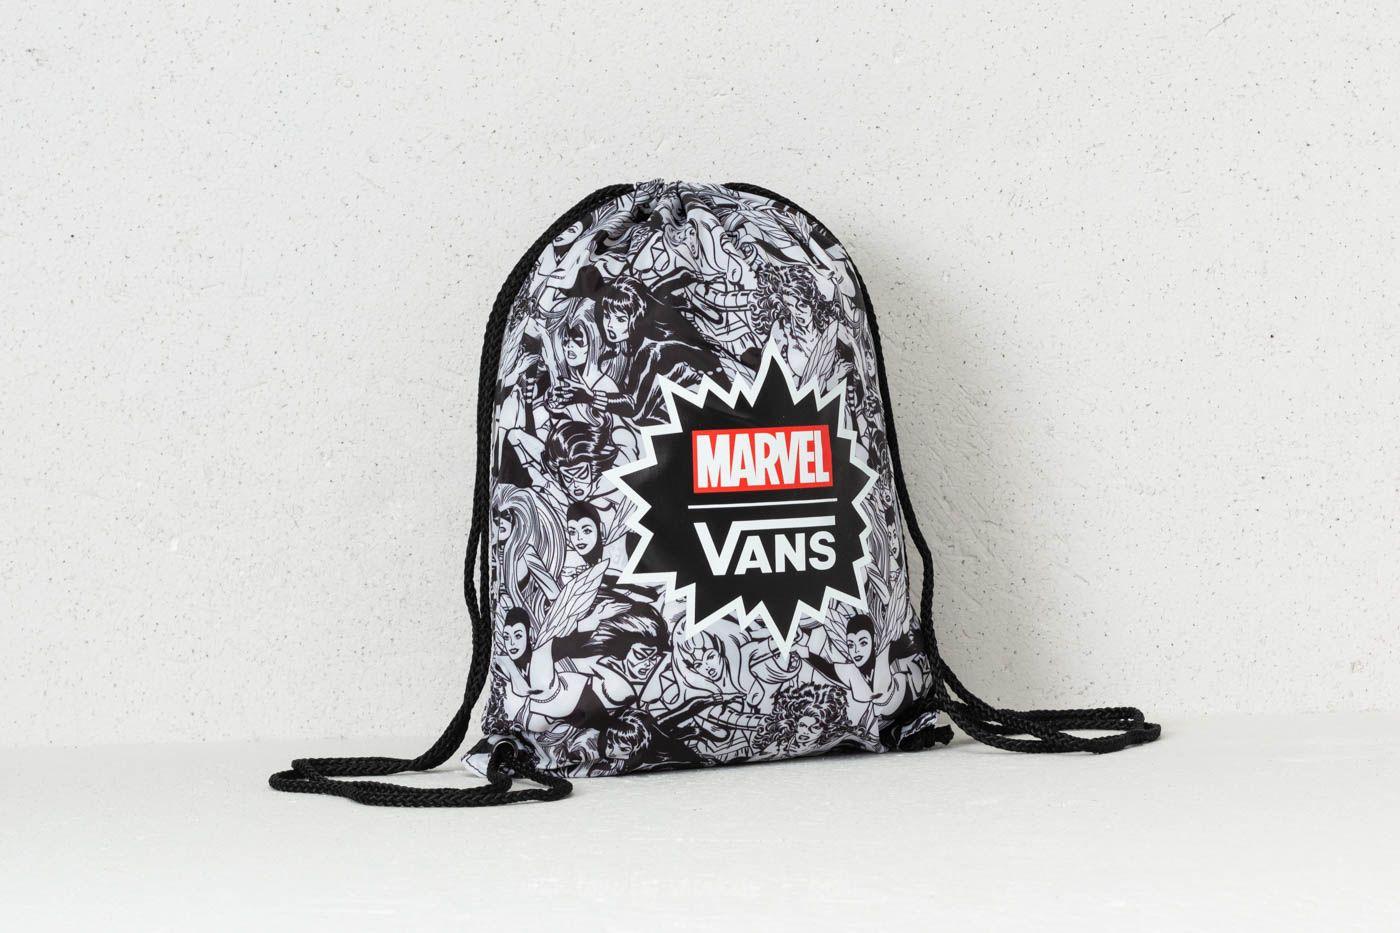 72c527849d Vans Benched Bag (Marvel) Black